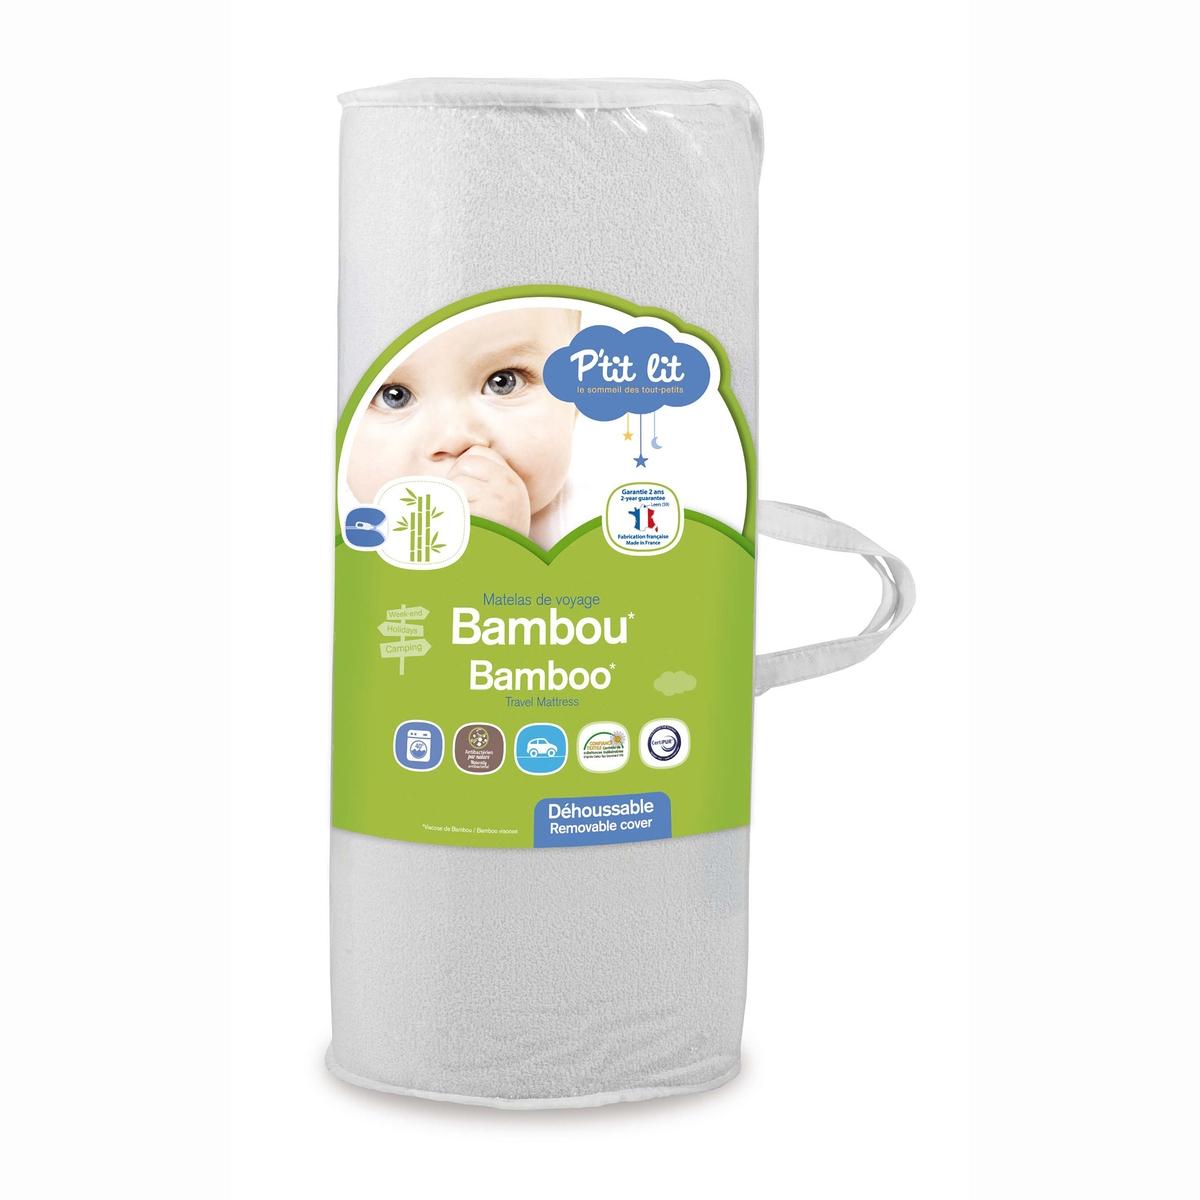 Матрас для перевозки детский - P'TIT LITЭтот матрас облегчит перевозку малыша и обеспечит максимальный комфорт . Съемный чехол, который можно стирать, облегчает уход за матрасом .Характеристики матраса  P'TIT LIT                      Полиуретановый наполнитель 18кг/м3.Бамбуковая вискоза и полиэстеровый подвес .   Непромокаемый материал, съемный чехол, который можно стирать . Биоцидная обработка .         Разм. : 120 x 160 x 4 см, толщина 4 см<br><br>Цвет: белый